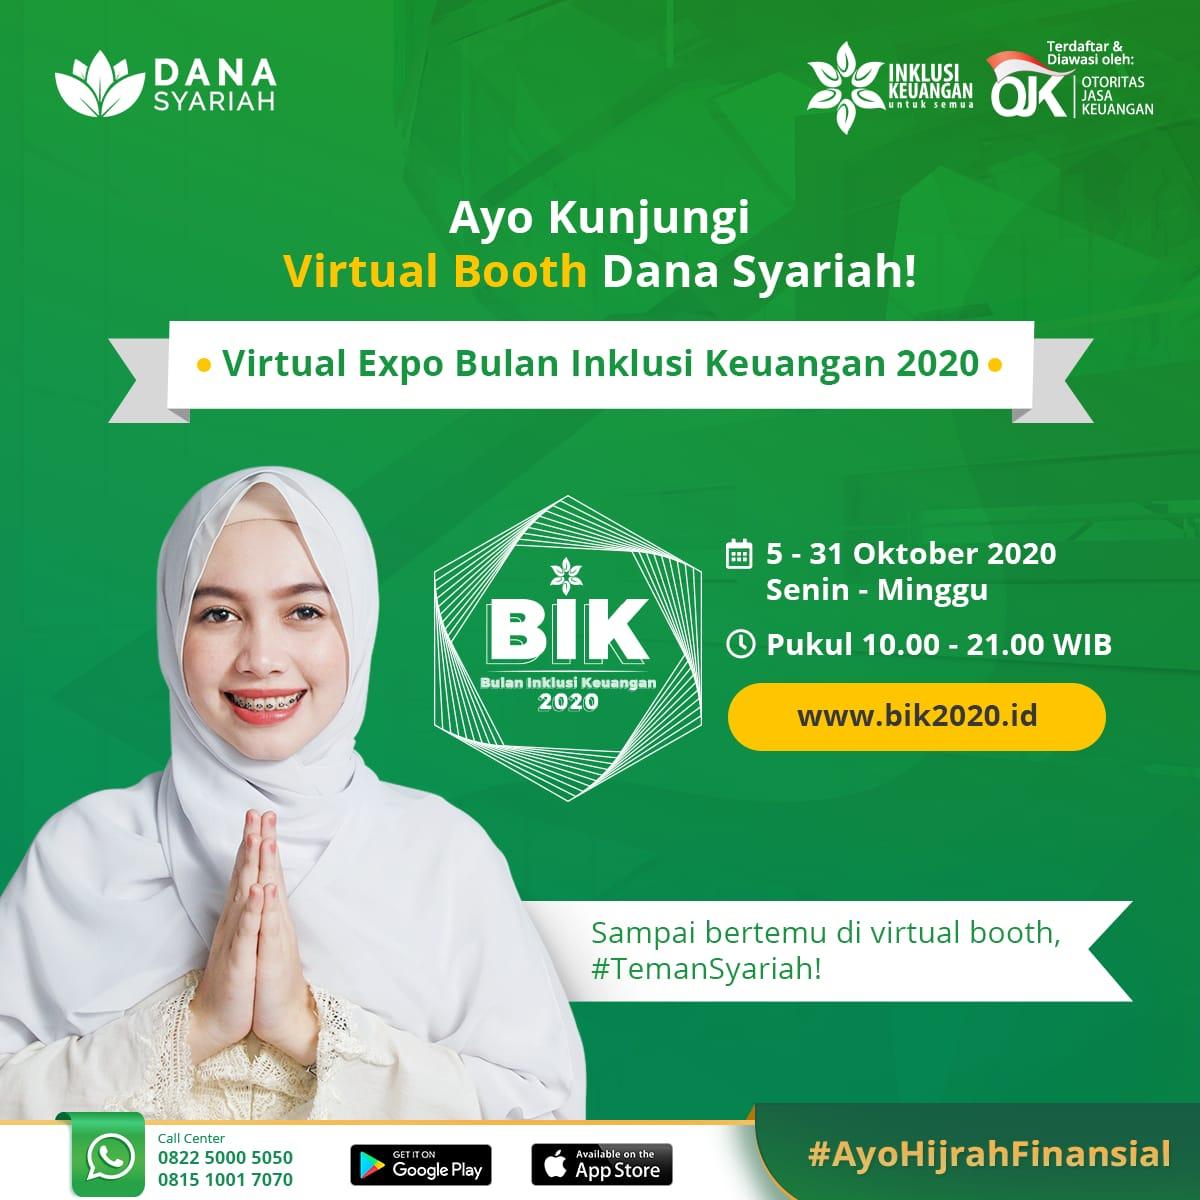 Dana Syariah Kunjungi Virtual Booth Danasyariah.id